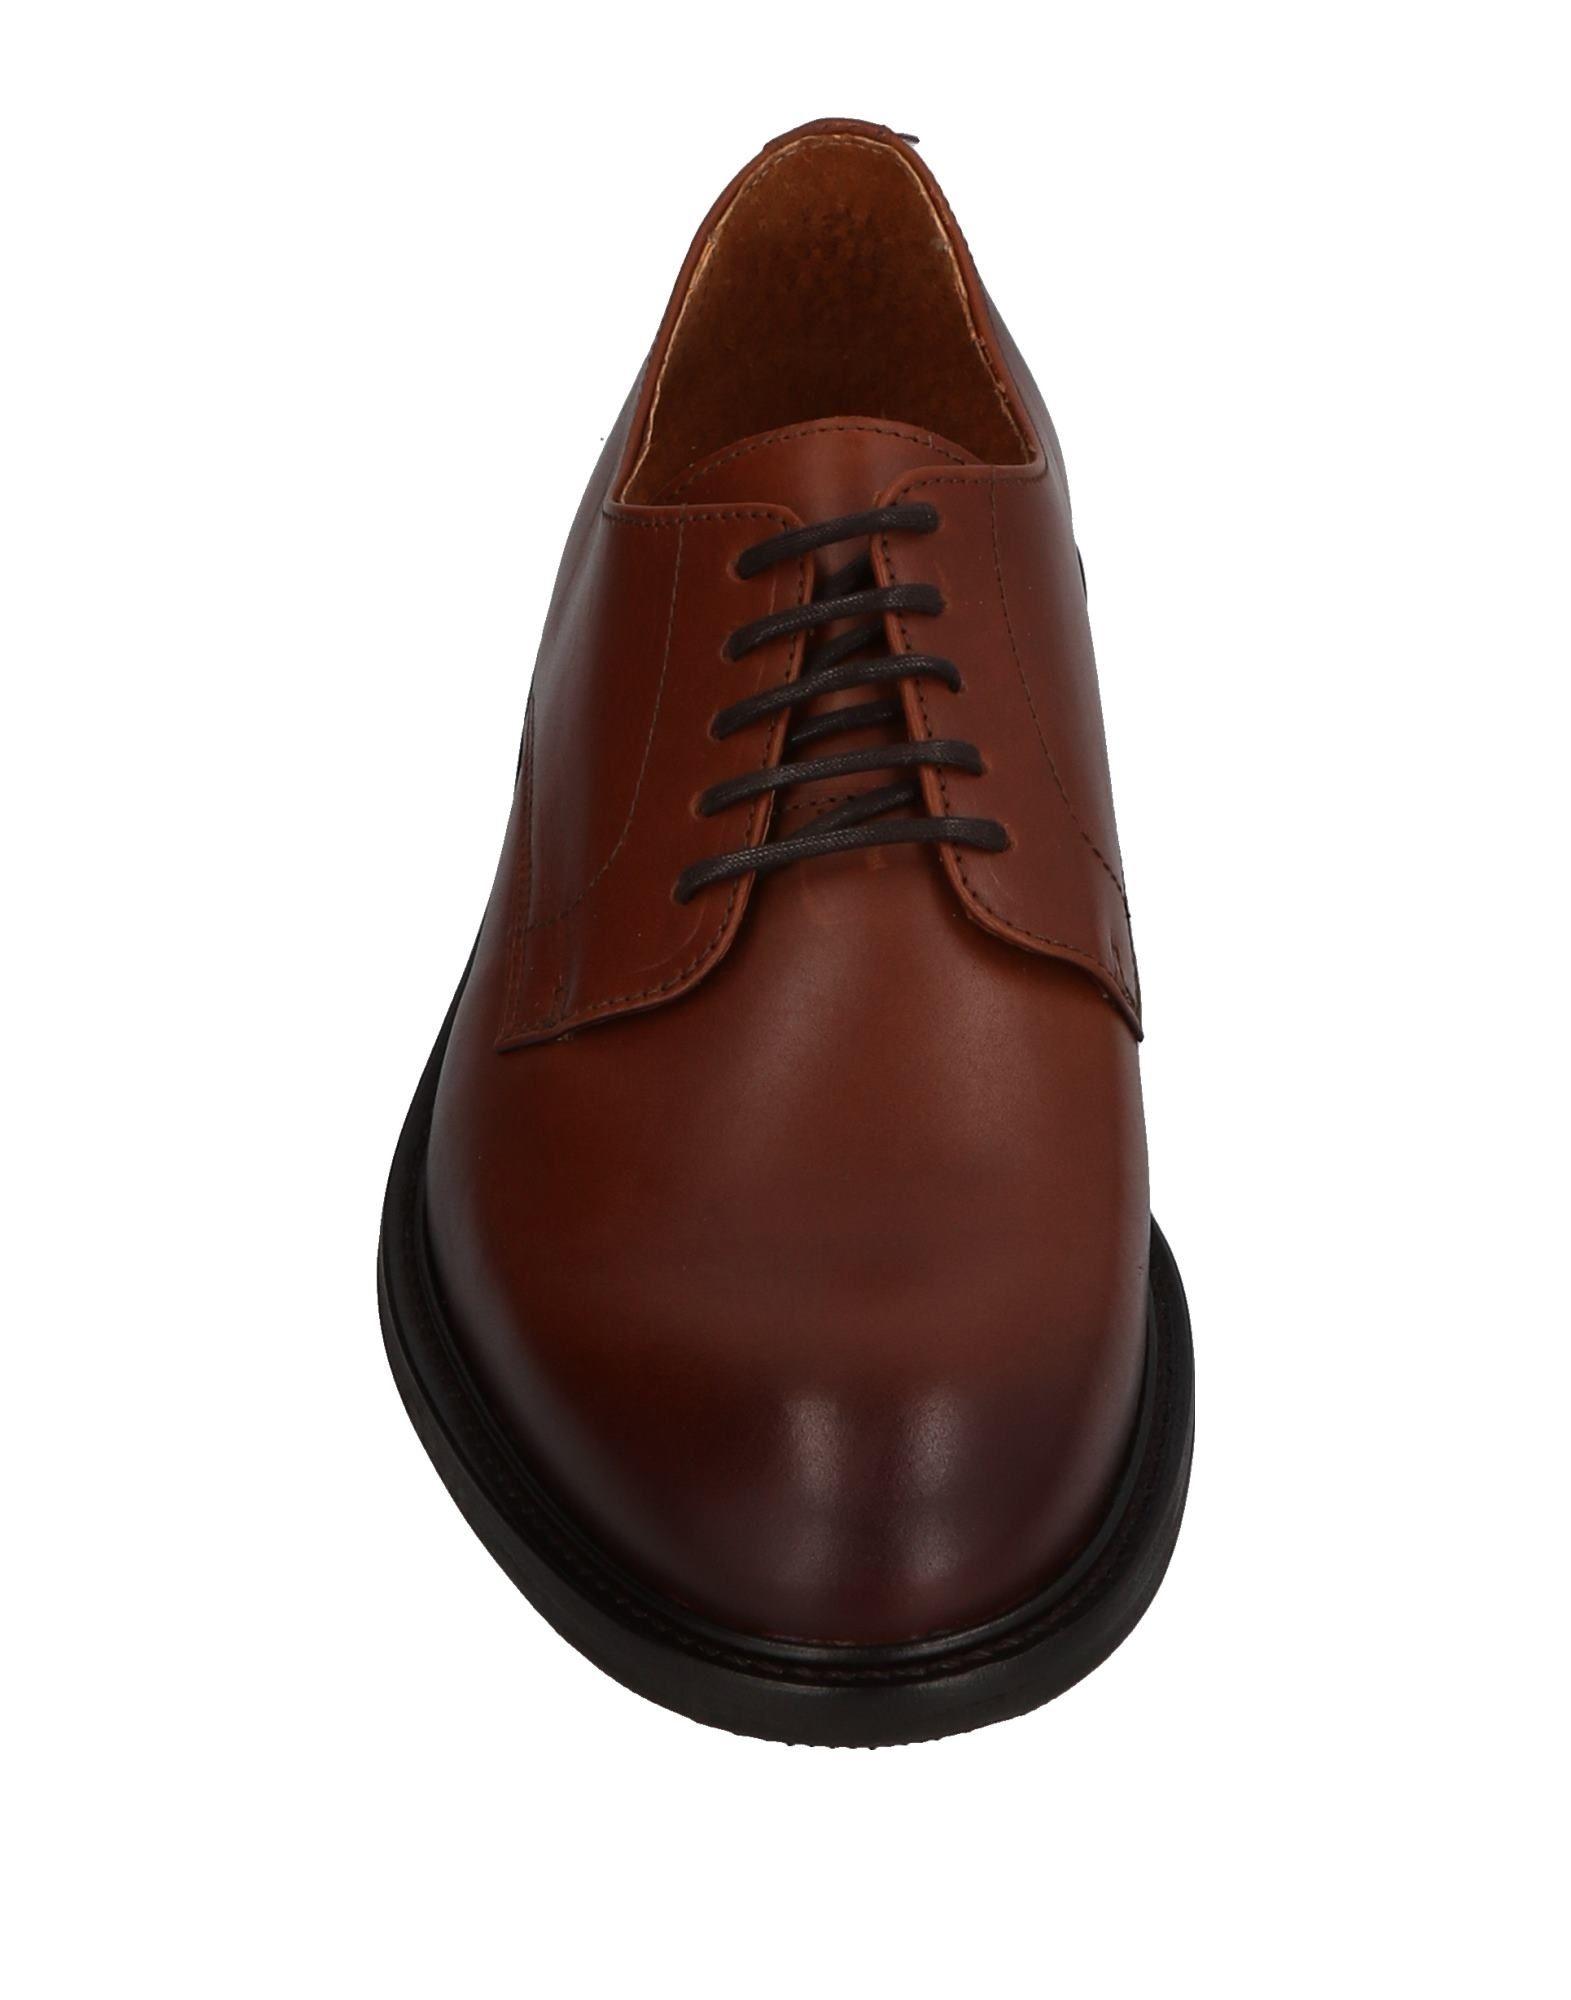 Rabatt echte Schuhe Selected Homme Schnürschuhe Herren Herren Schnürschuhe  11440008PD 78fa54